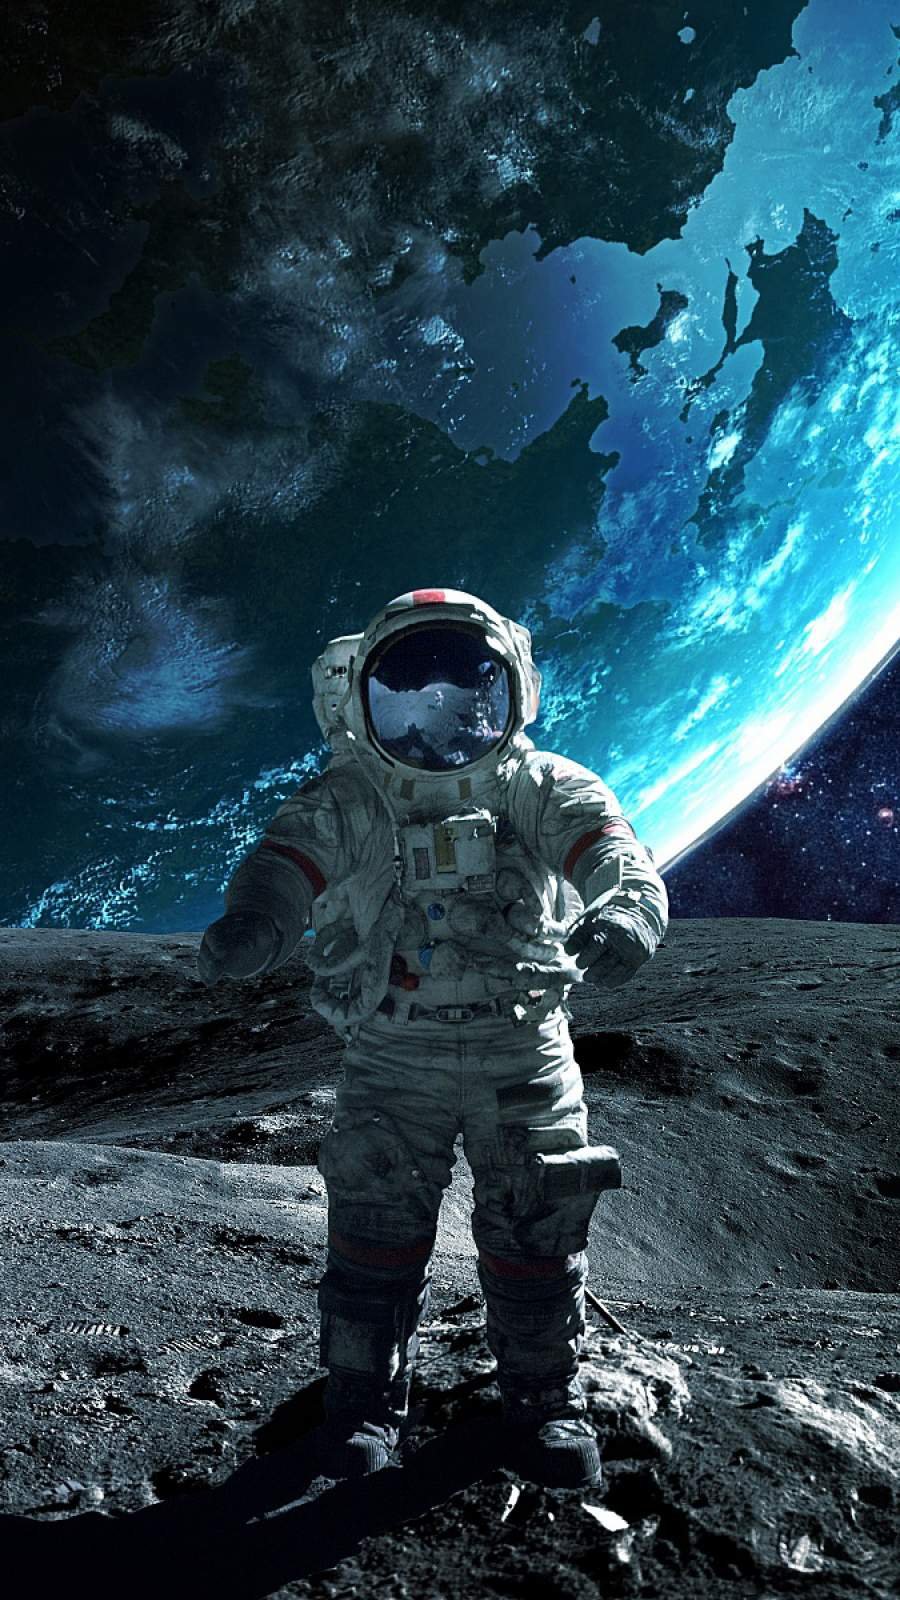 Moon Astronaut iPhone Wallpaper